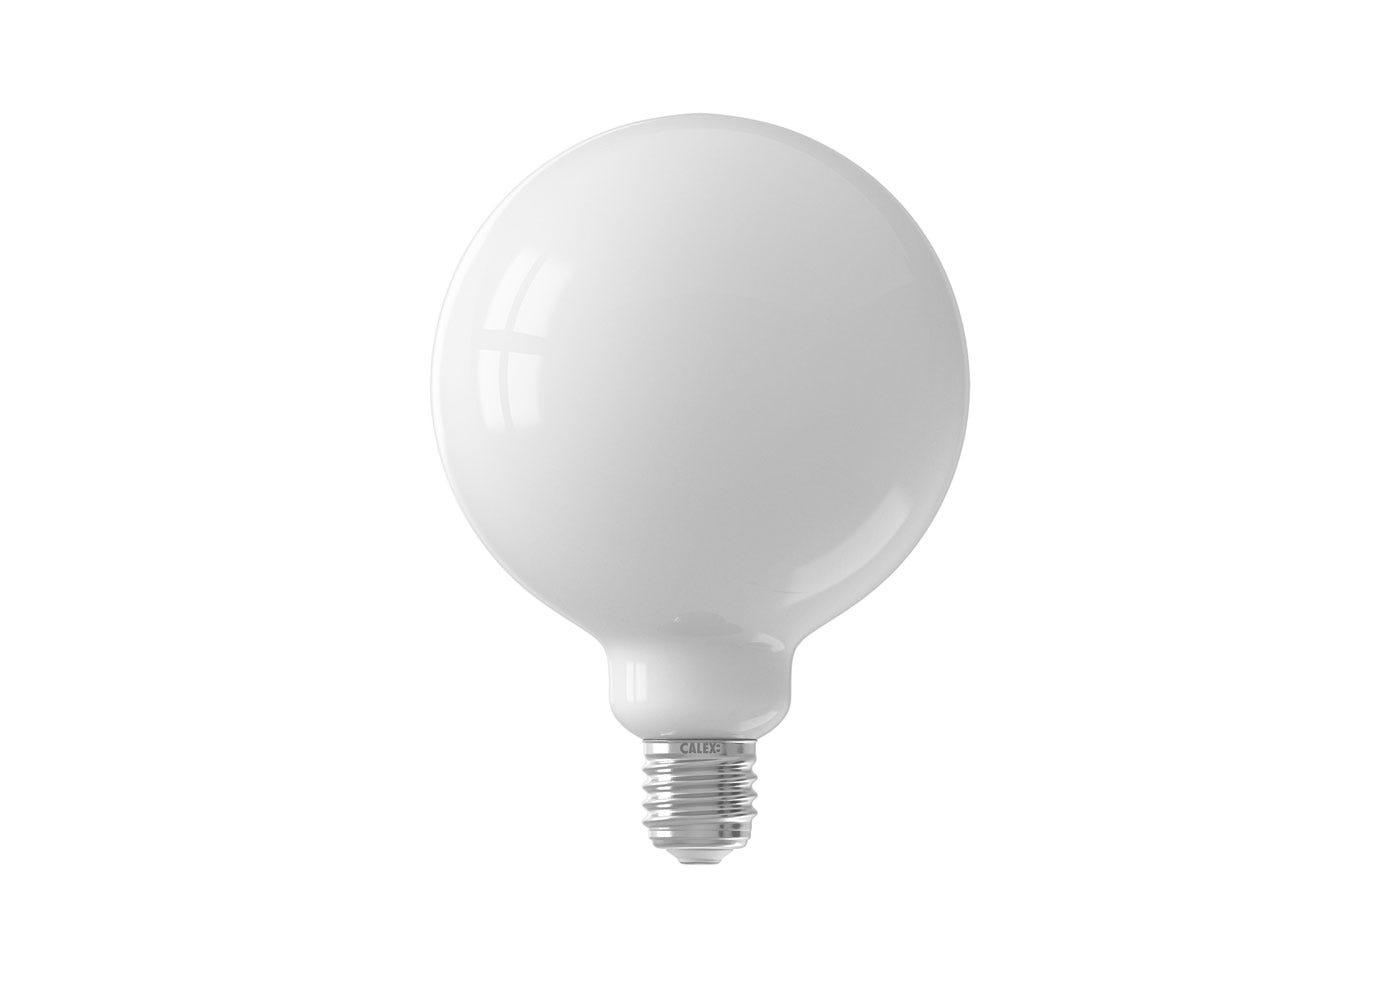 As shwon: Smart LED Globe G125 White 7.5W E27